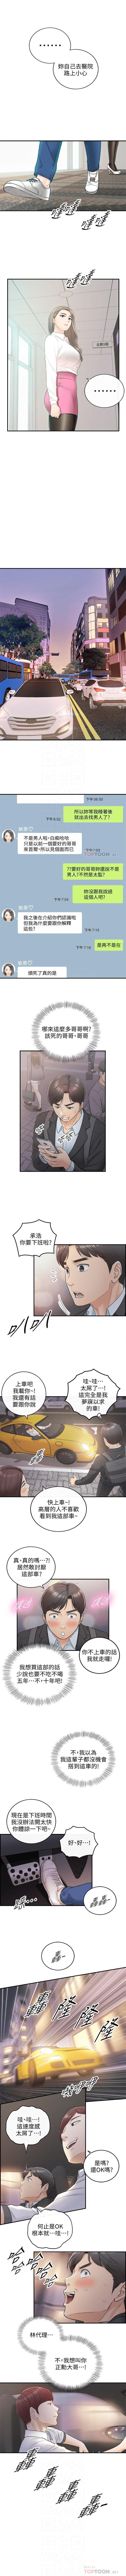 (周5)正妹小主管 1-26 中文翻译(更新中) 105